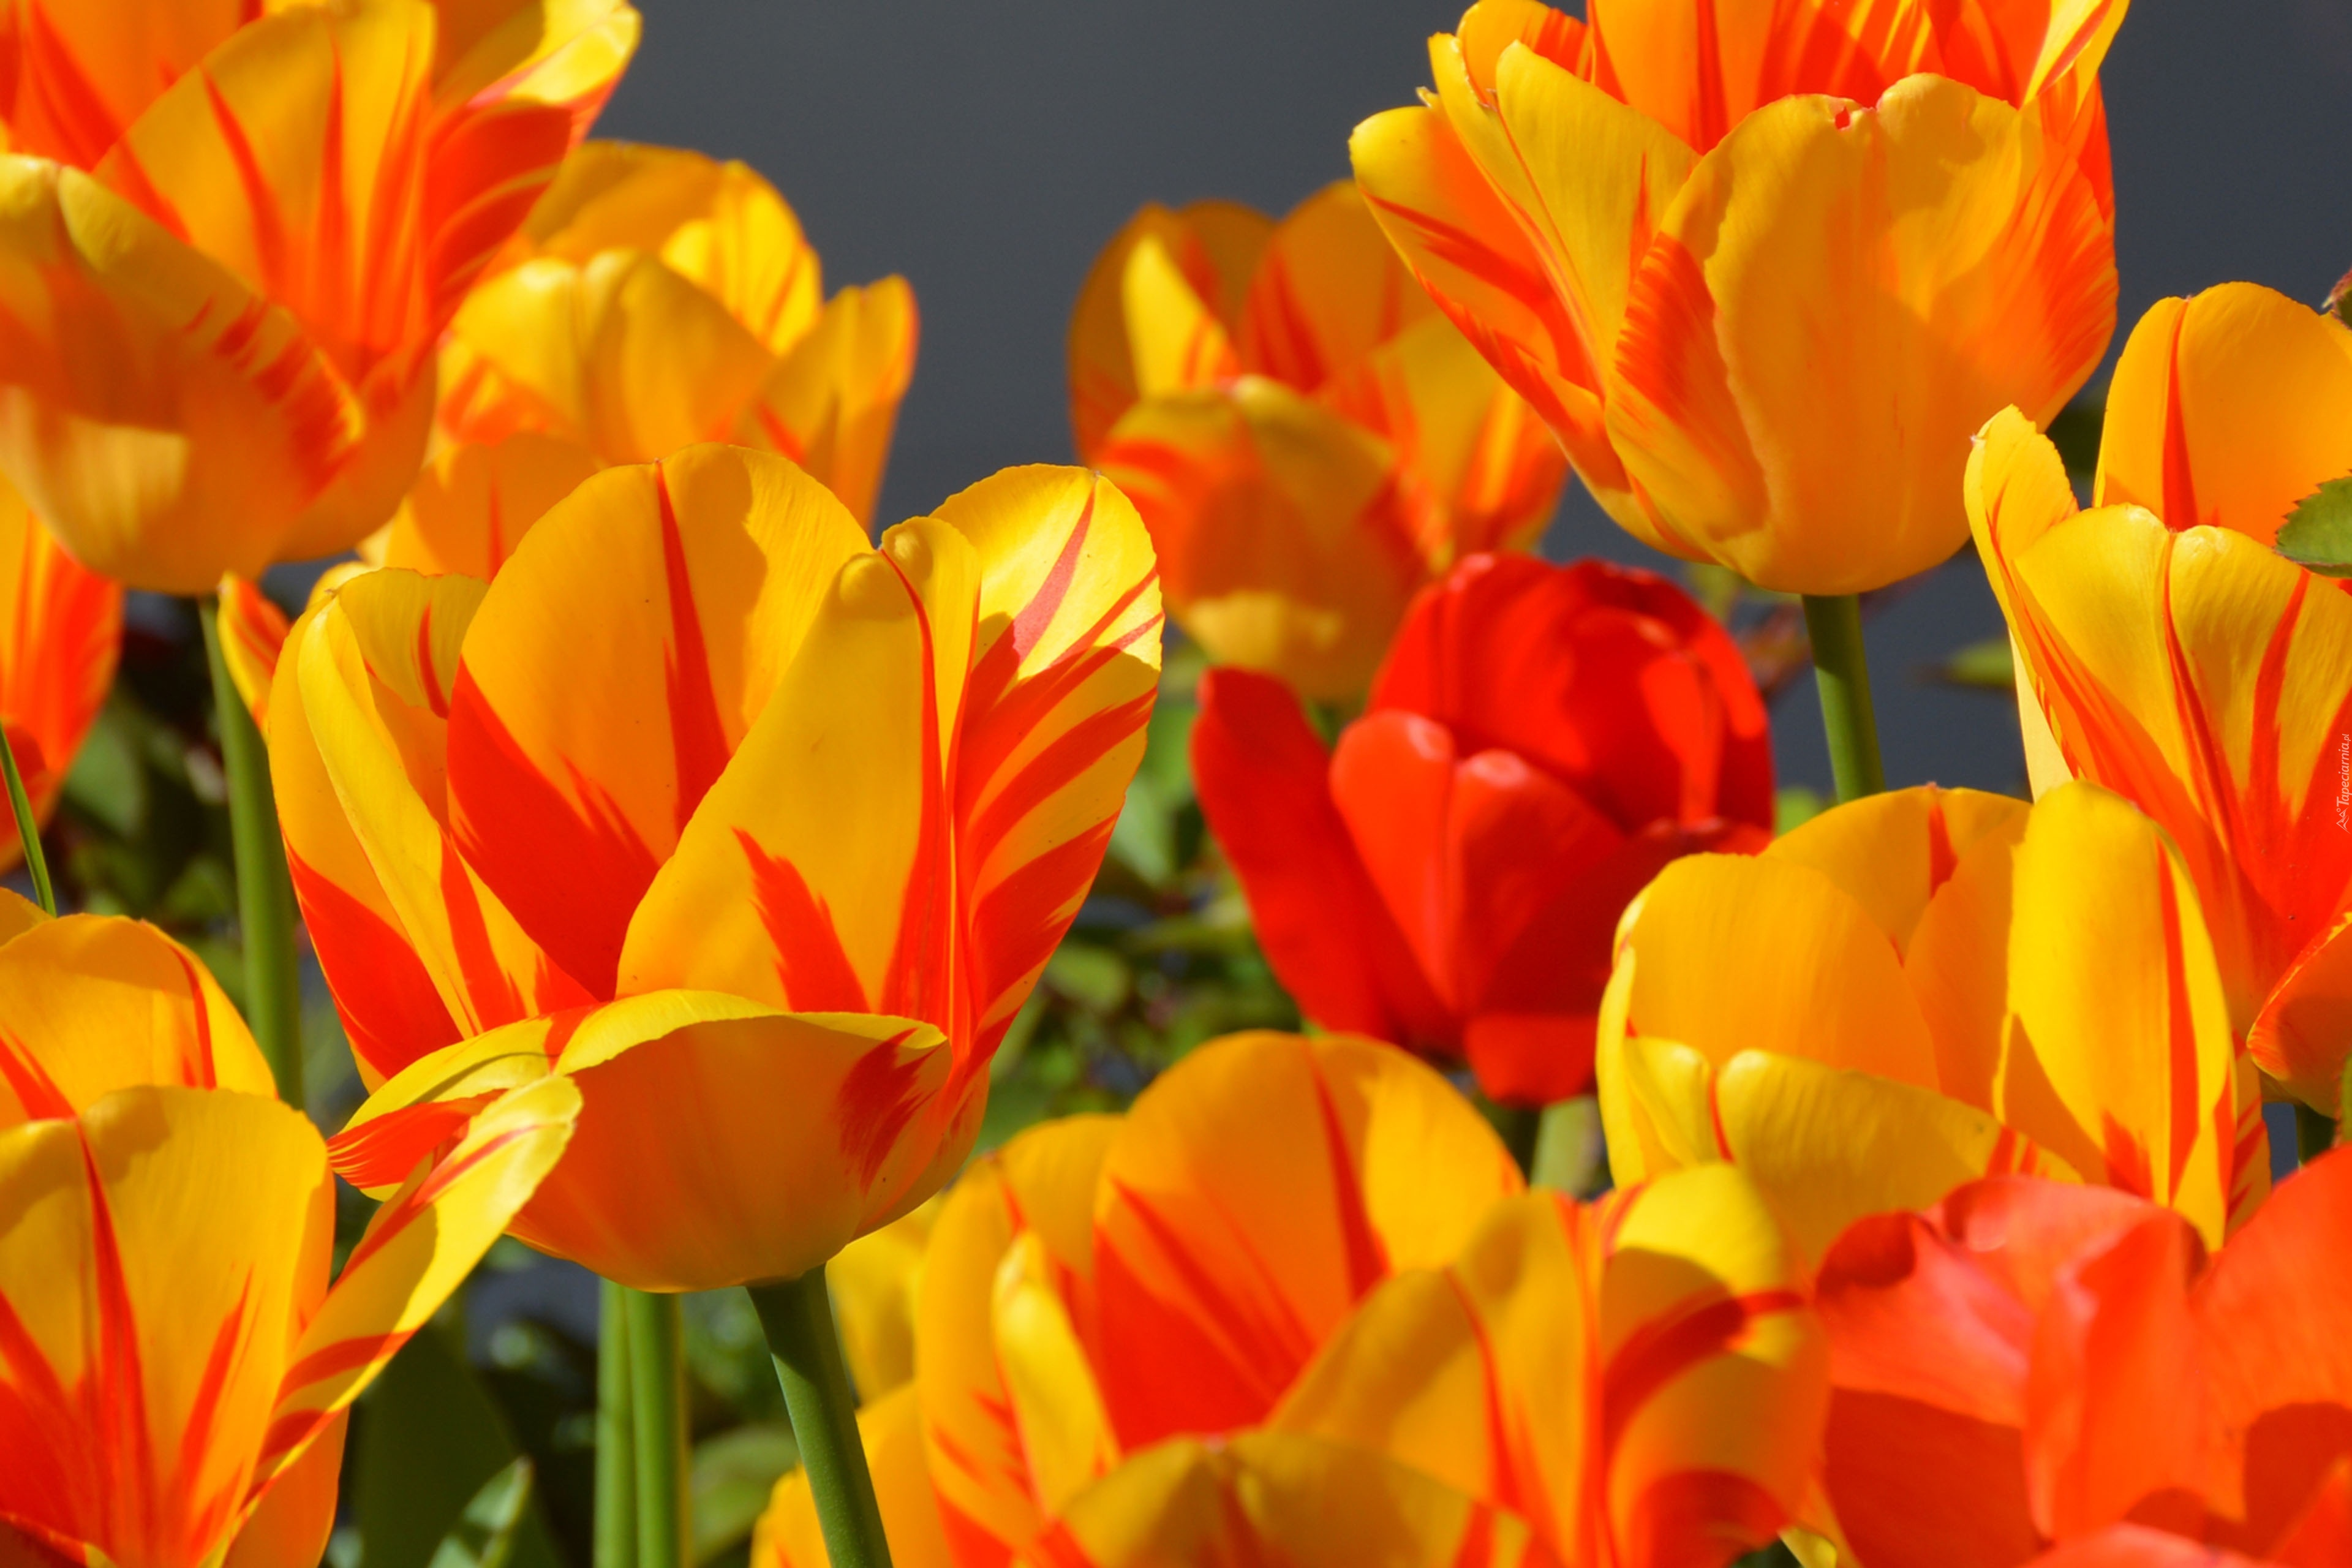 Good Morning Orange Flowers : Żółto czerwone tulipany